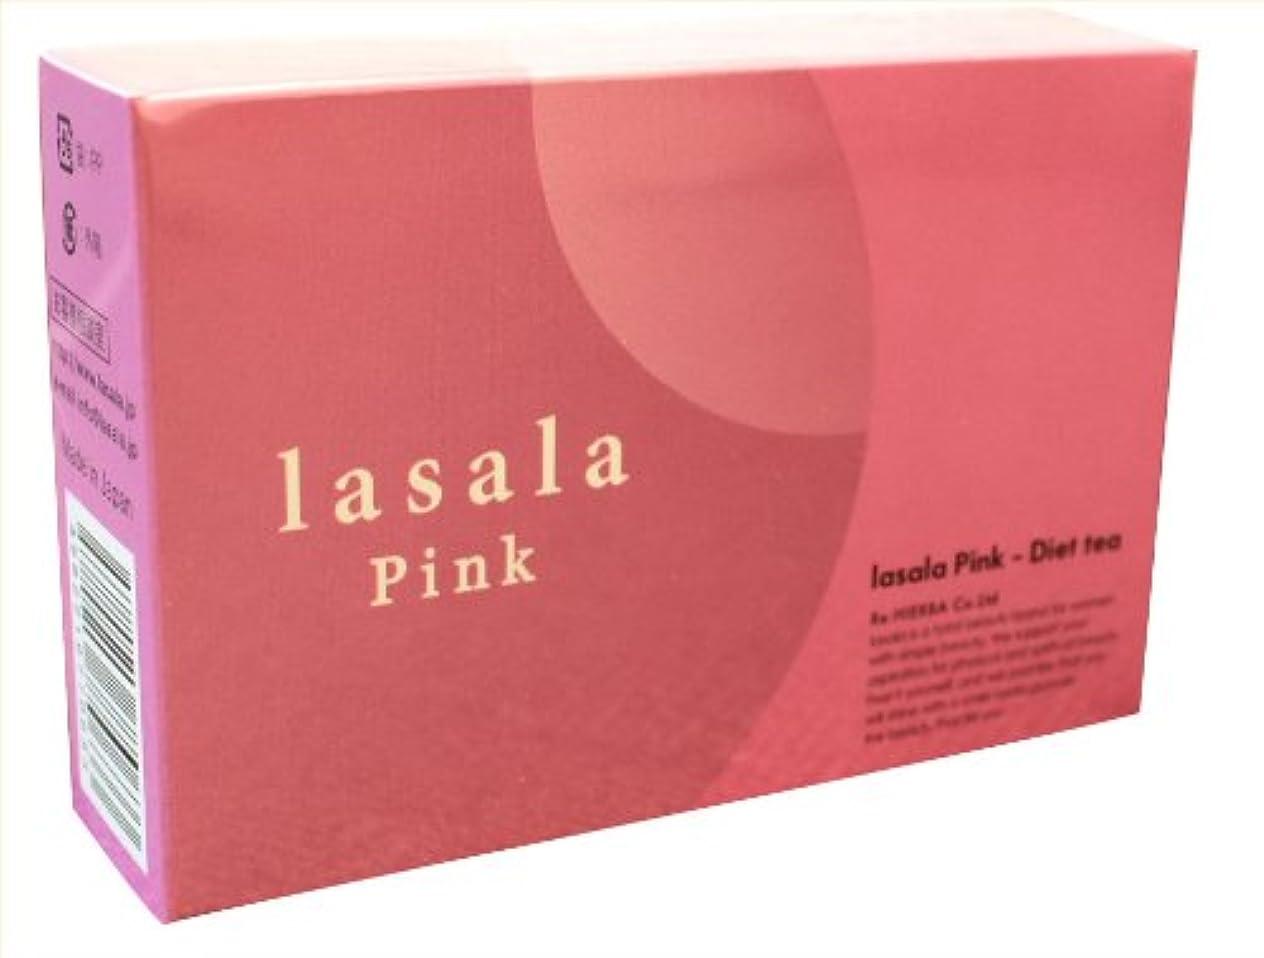 等々チャート抹消ラサラピンクダイエットティートライアル 2.5g×5包